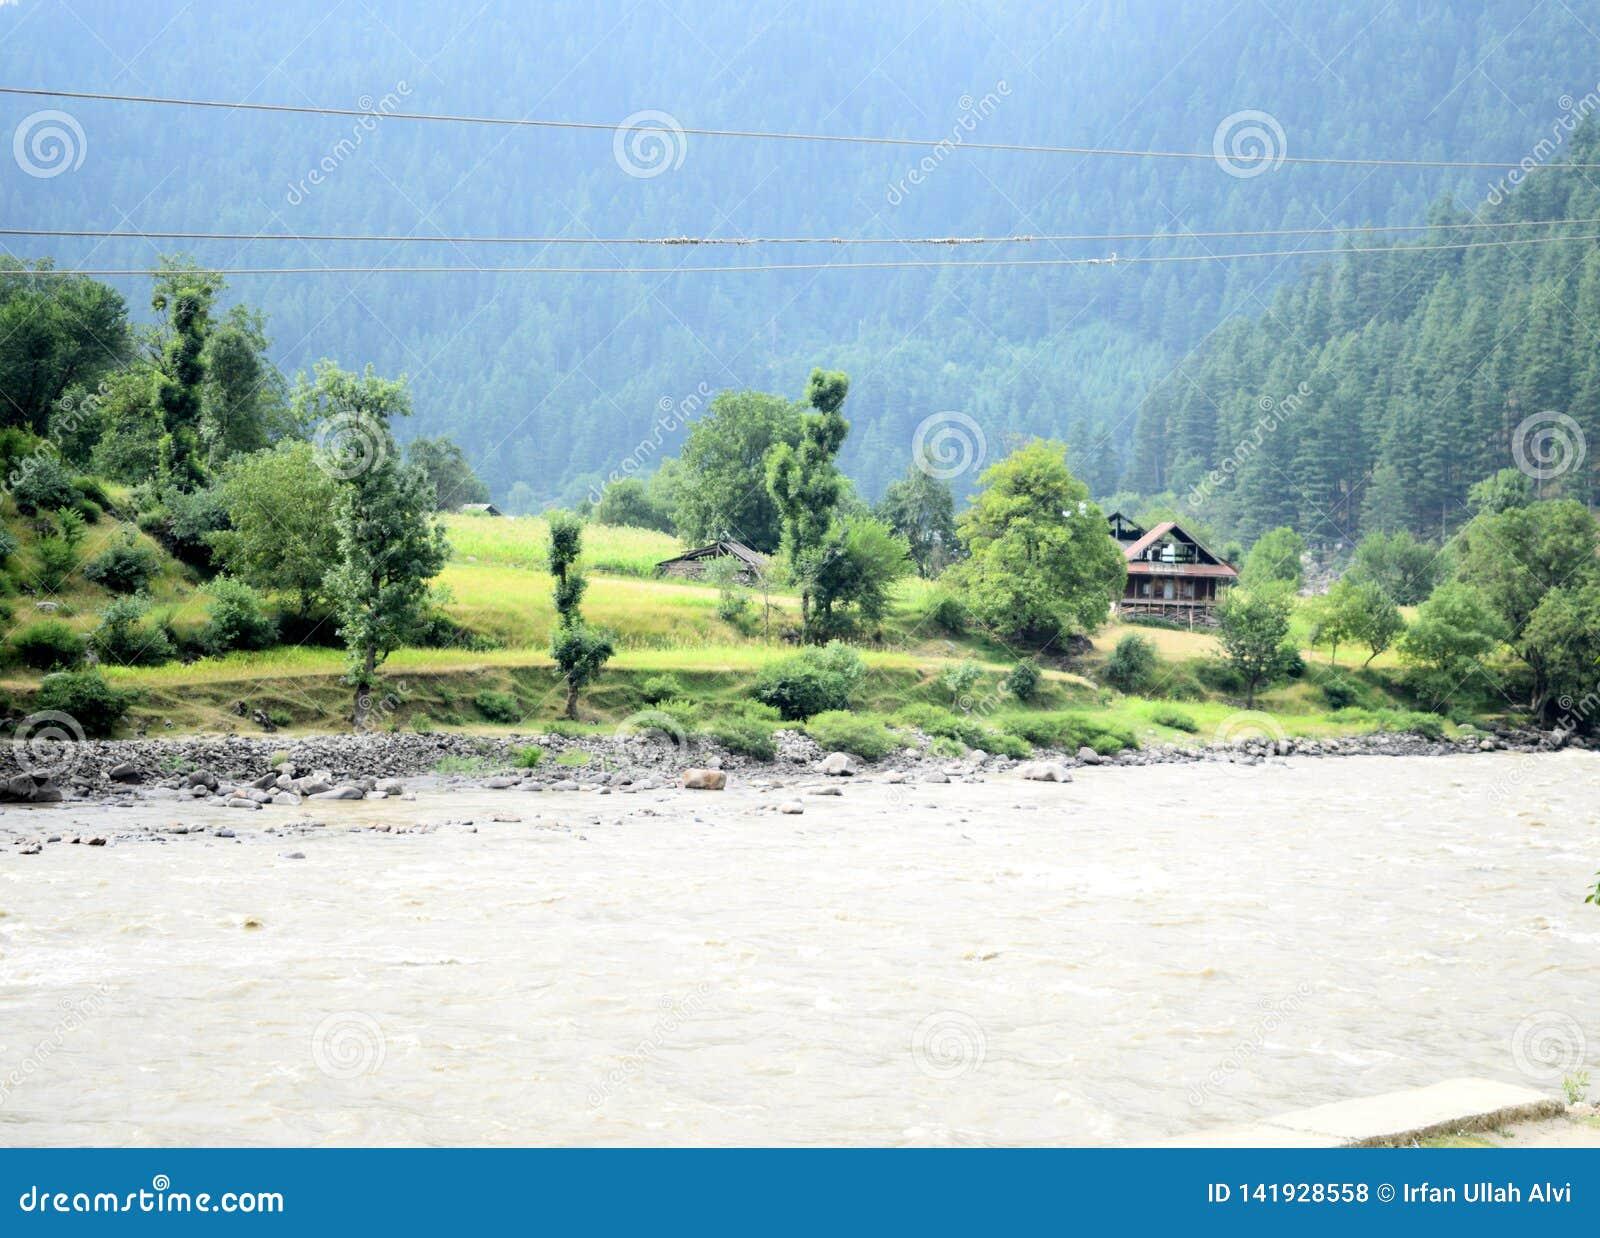 Flussbank mit kleinem Dorf und enorme wilde Berge auf der Rückseite Gebirgstal mit einem Fluss und einem Dorf